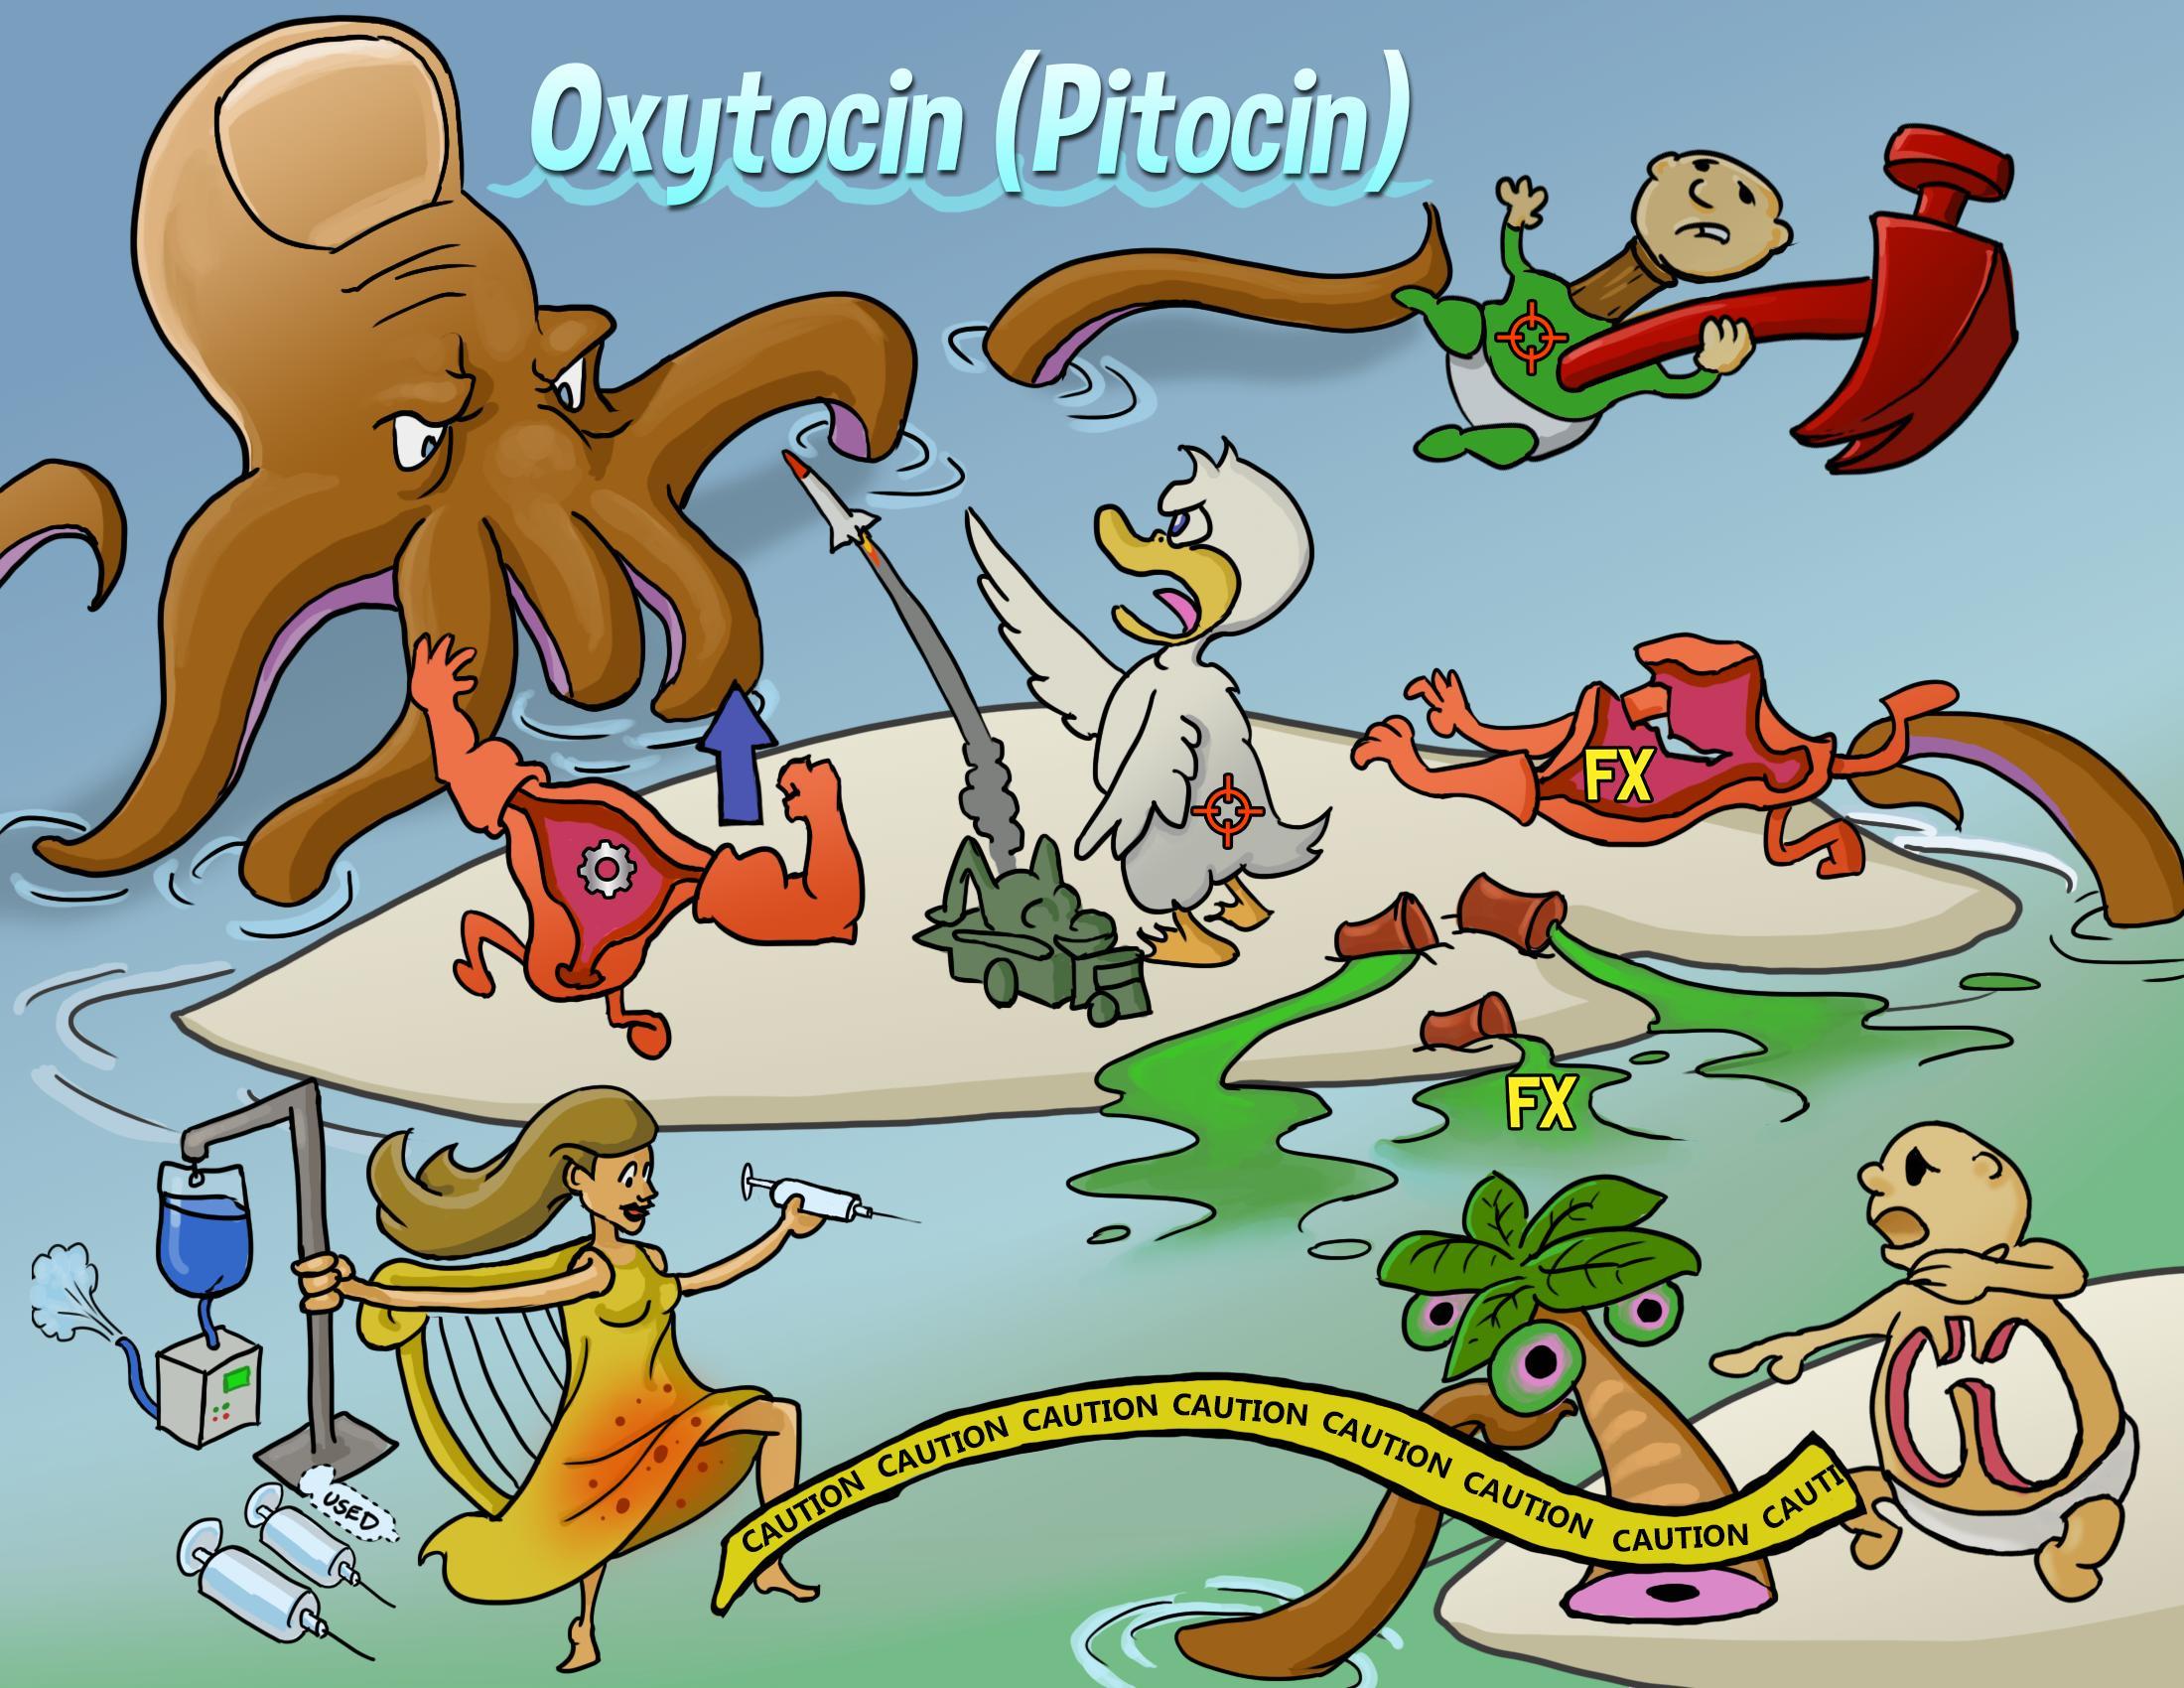 Oxytocin (Pitocin)